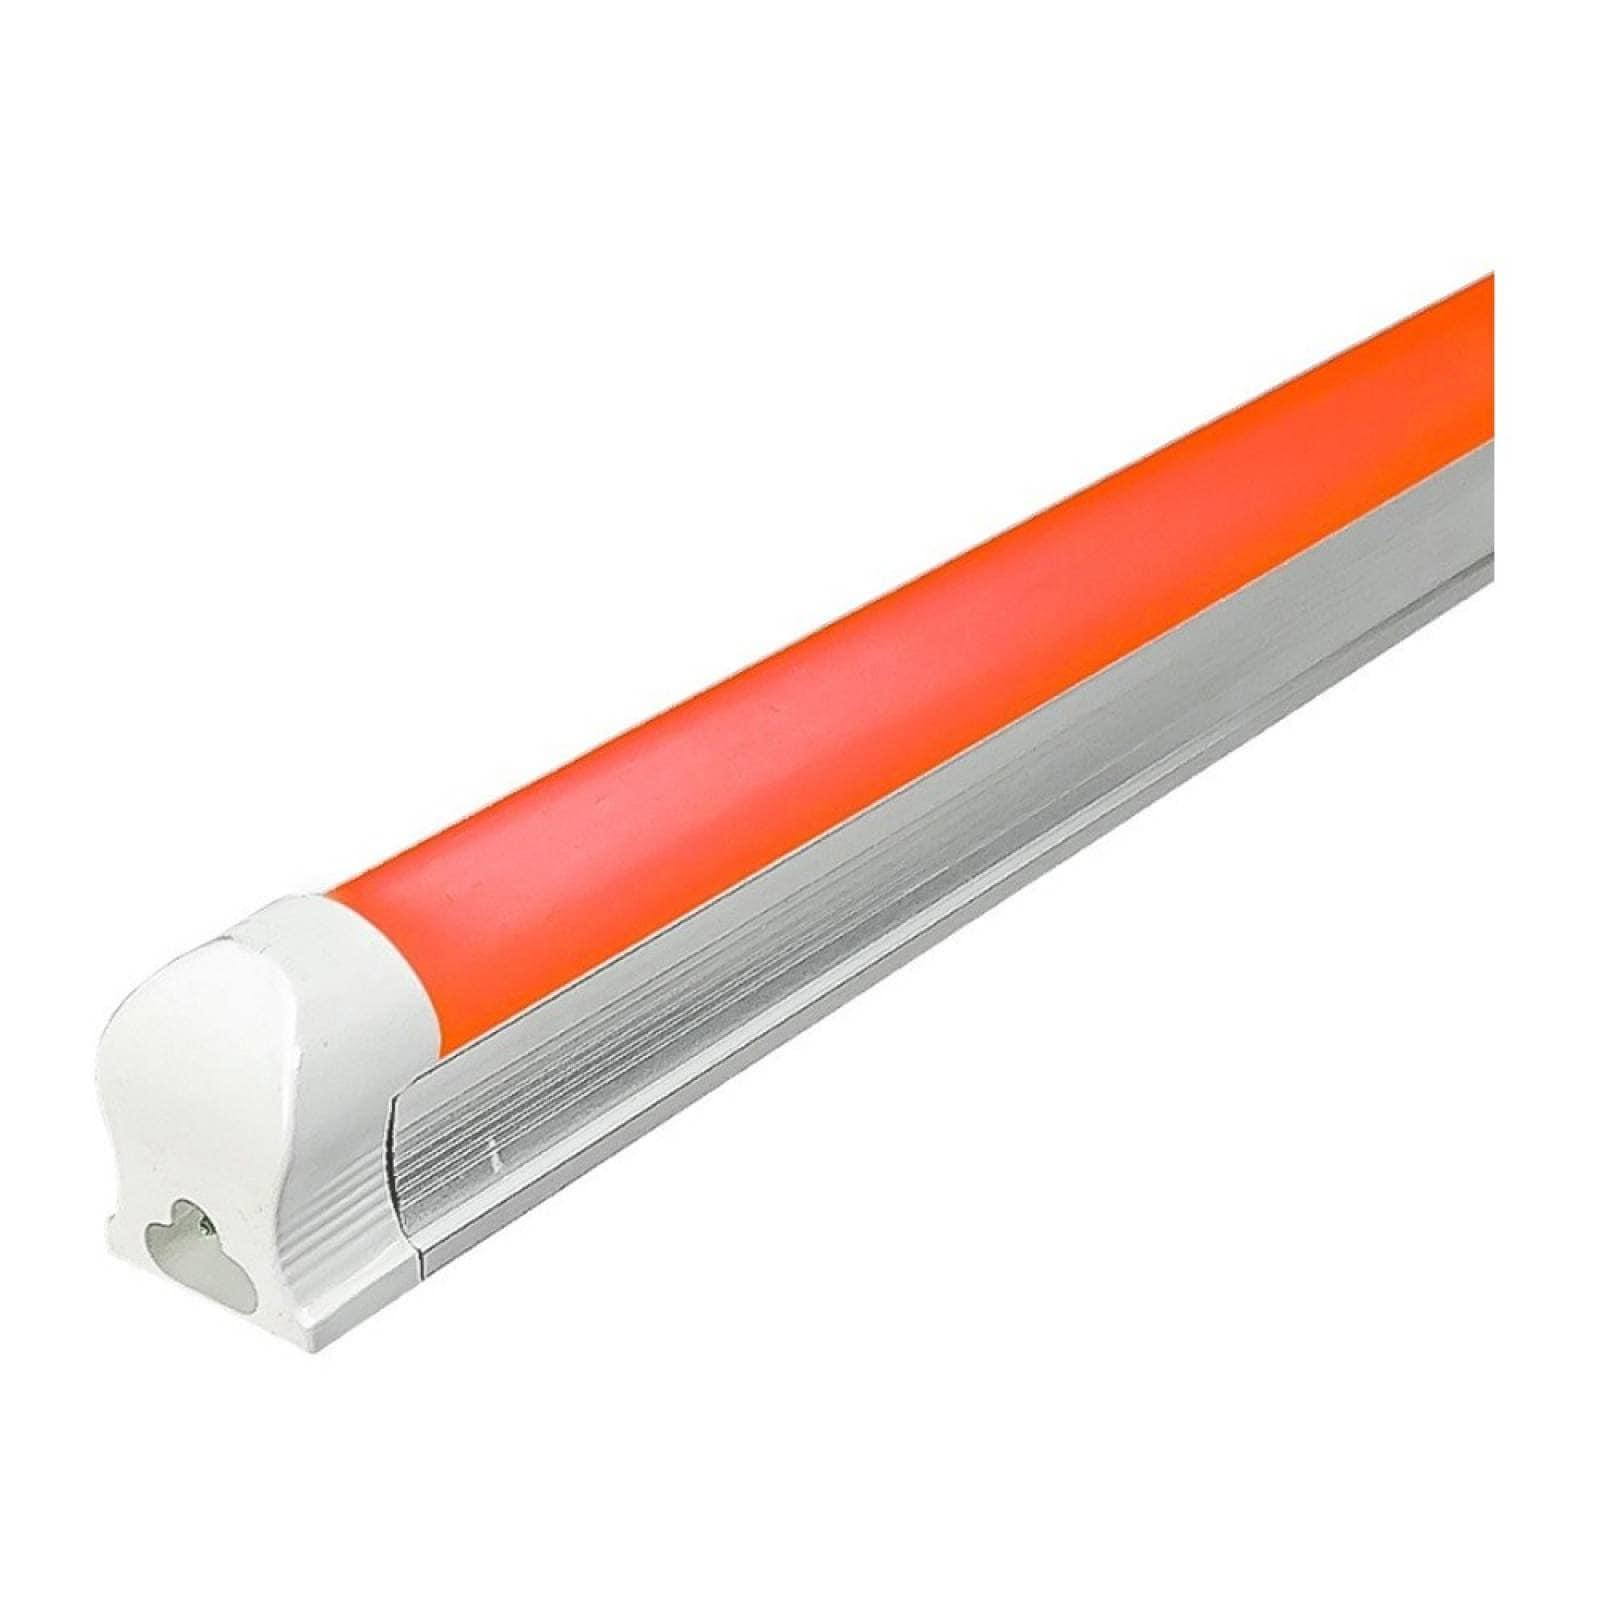 Tubo Lámpara Repuesto 21w Rojo Ad-8615 Adir